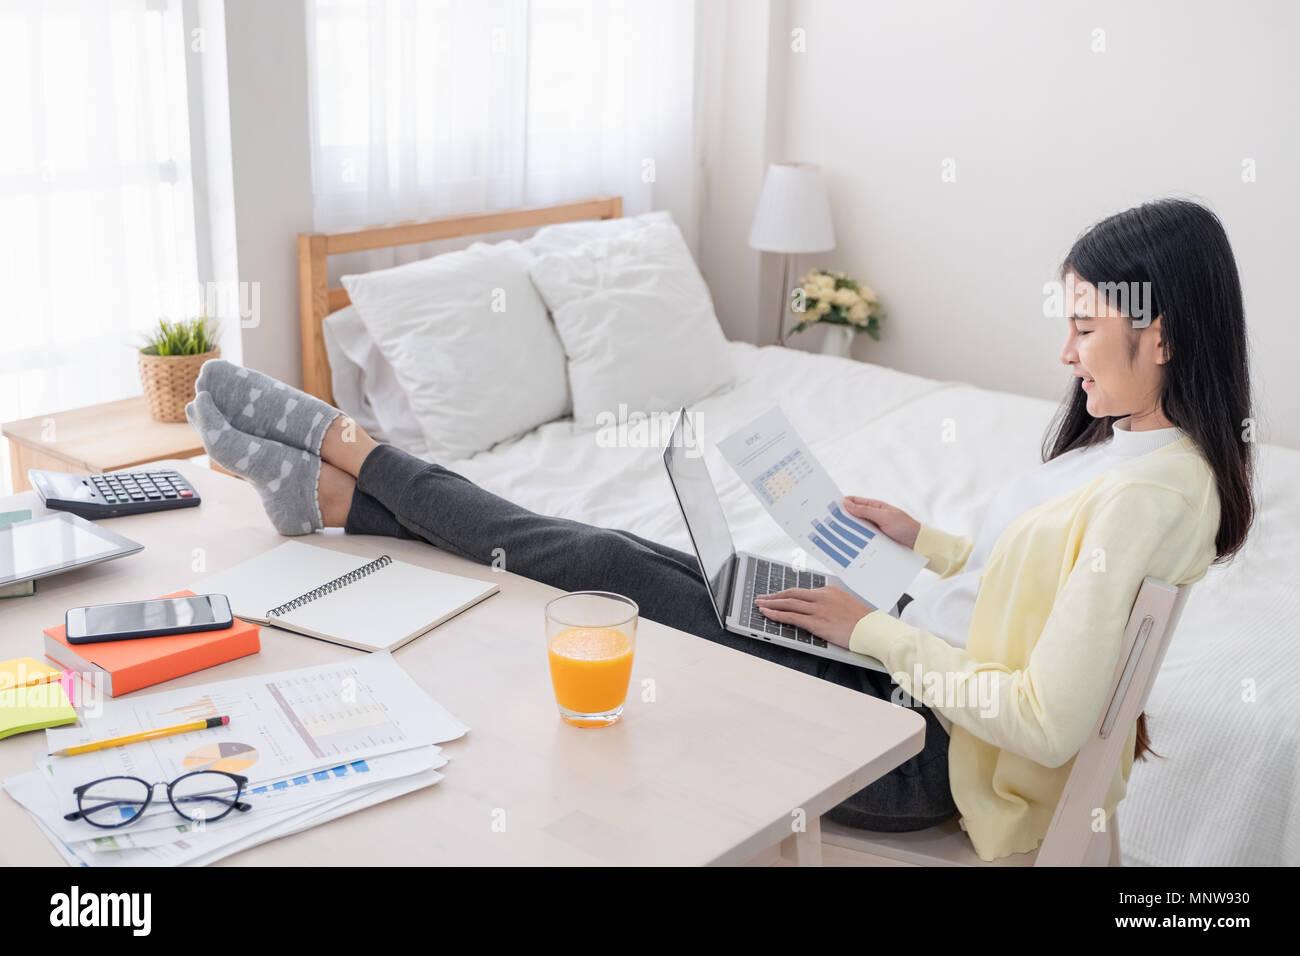 Femmina asiatica del freelancer report di lettura di carta e di lavorare con il computer portatile giaceva sul ginocchio con il resto della gamba sul tavolo in camera da letto a casa.Il lavoro a casa concetto.lavoro f Immagini Stock